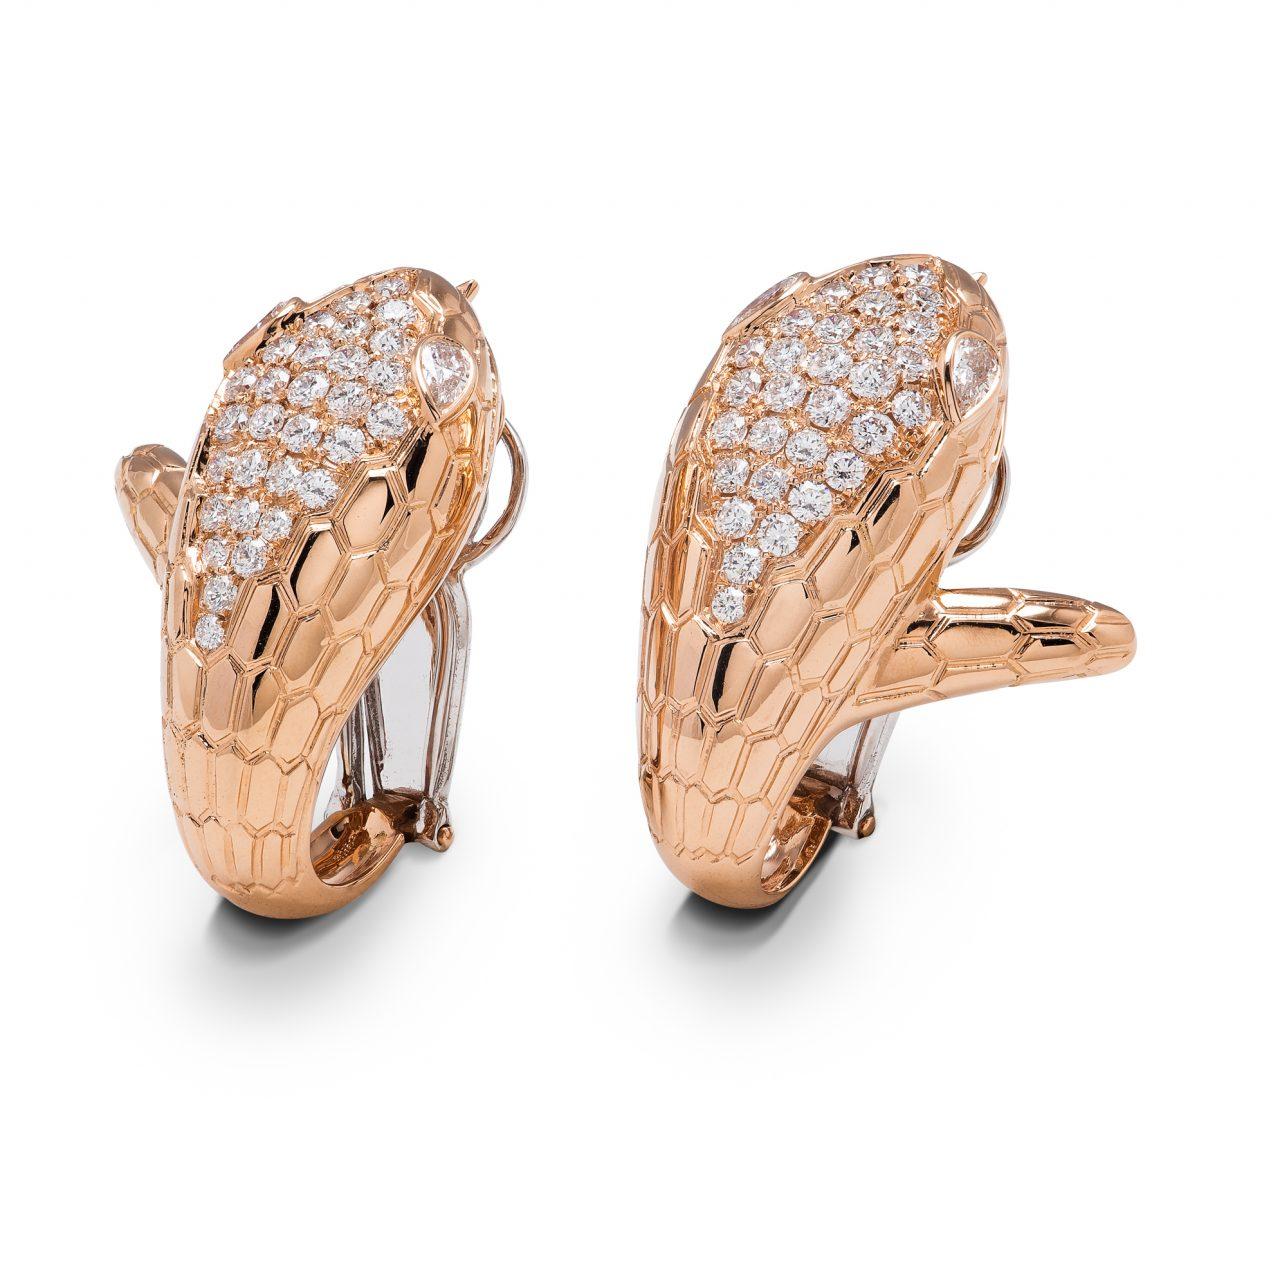 Illario orecchini Serpente in Oro Giallo 18k con diamanti